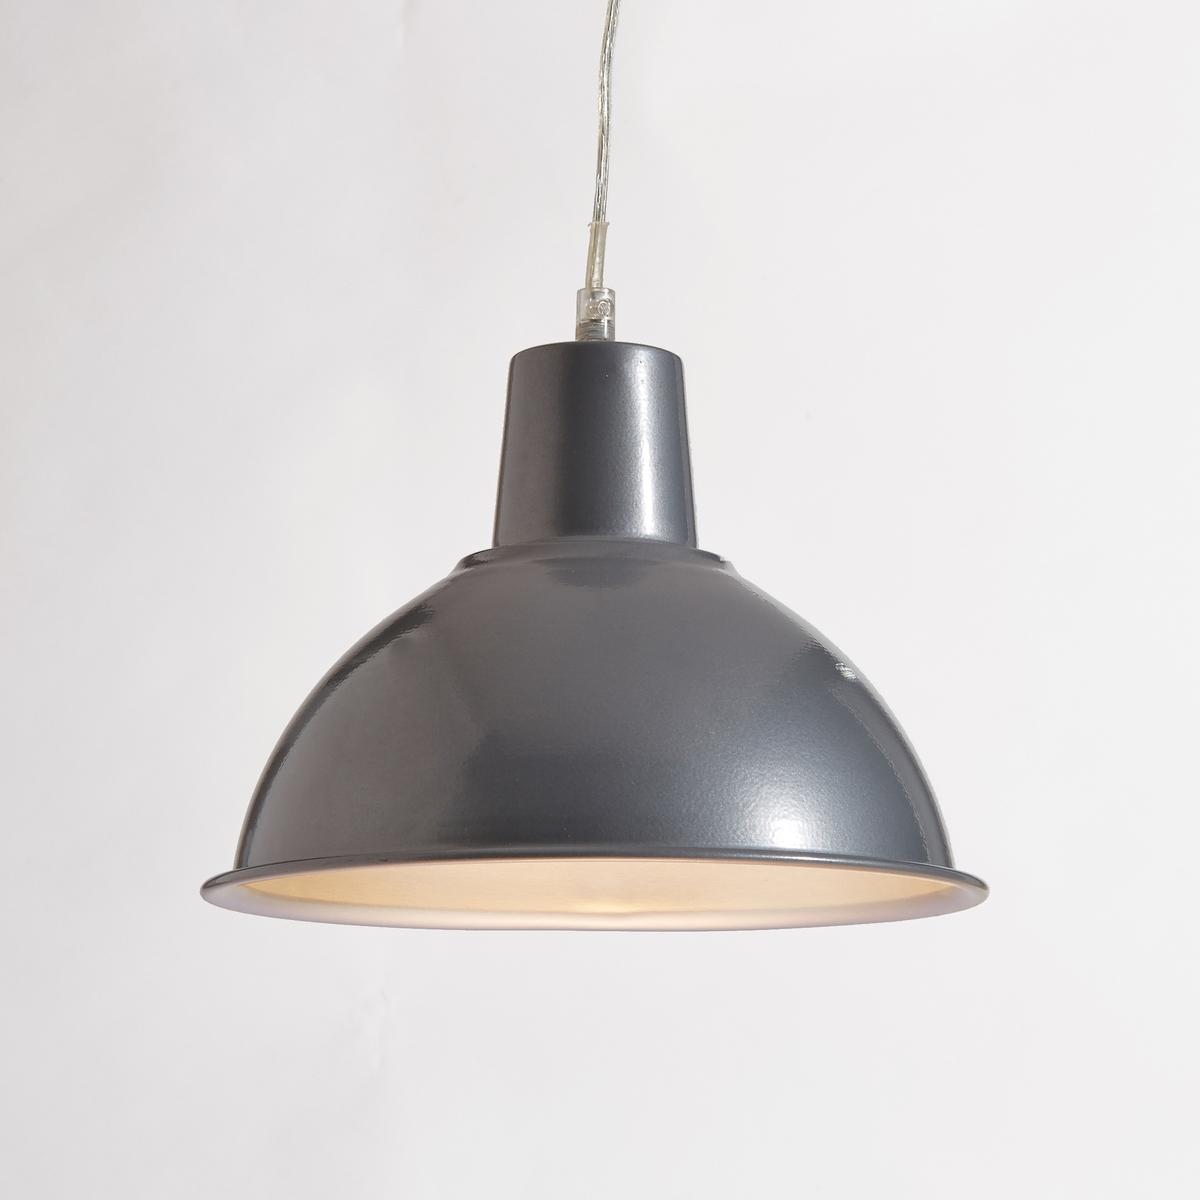 Светильник из металла в индустриальном стиле, LamiОписание светильника  Lami  :Электрифицированный Патрон E27 для флюокомпактной лампочки 15W (не входит в комплект)  .Этот светильник совместим с лампочками    энергетического класса   : AХарактеристики светильника  Lami  :выполнена из металлаВсю коллекцию светильников вы можете найти на сайте laredoute.ru.Размер светильника  Lami  :Диаметр : 25,5 смВысота : 18 см.<br><br>Цвет: красный,серый